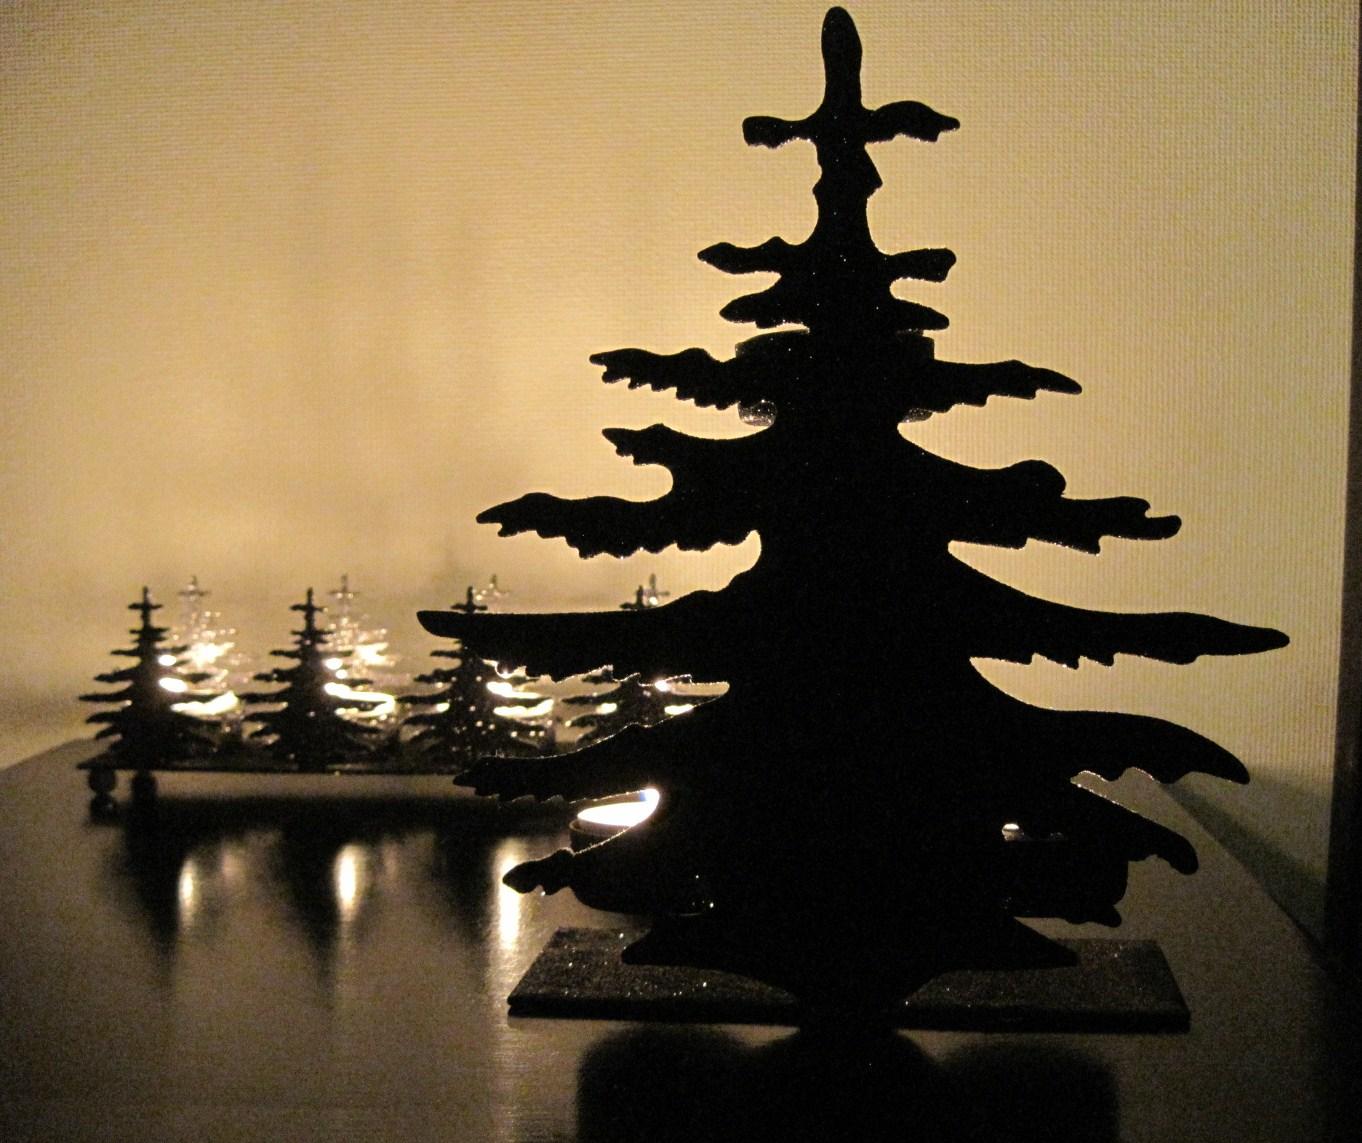 モミの木のキャンドルホルダー_f0236260_1927540.jpg